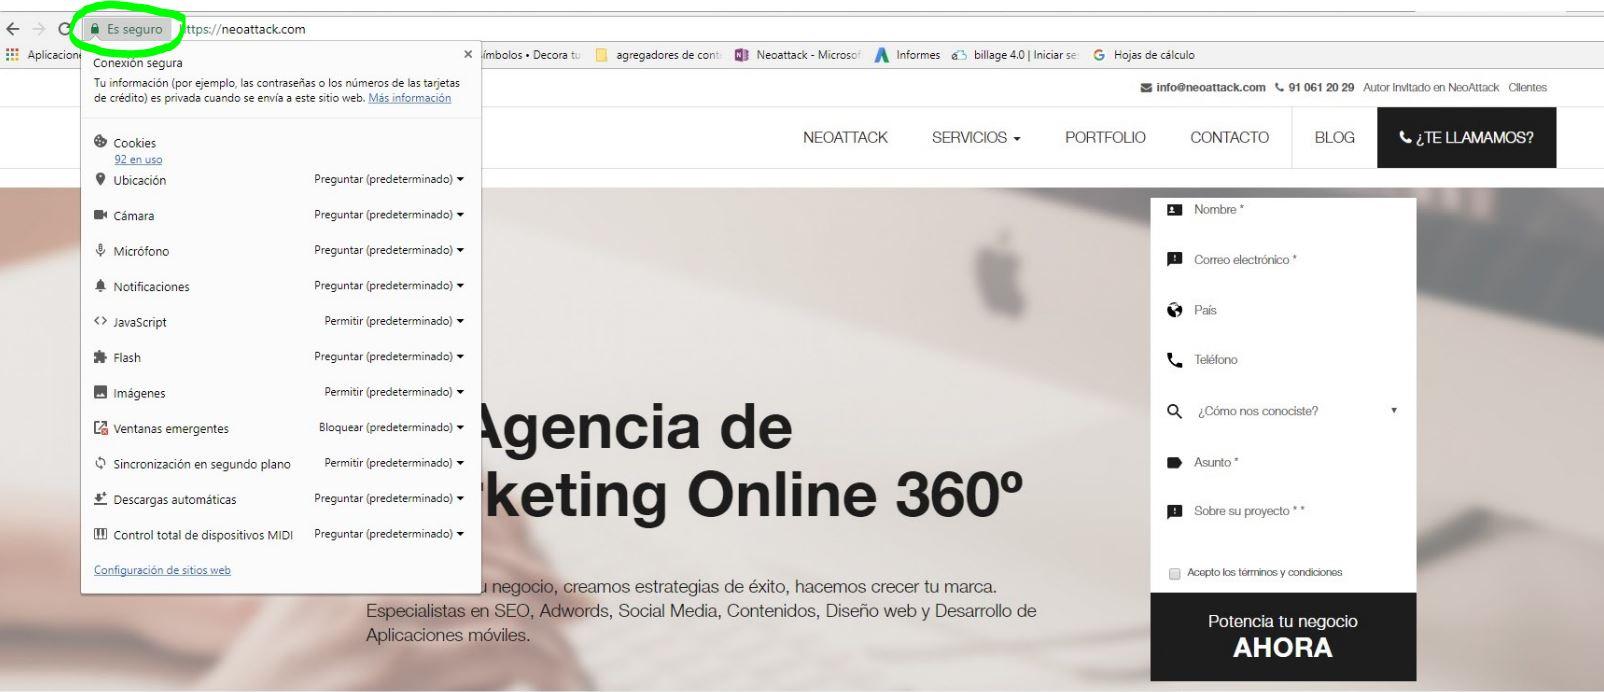 d1f2a917b5 5 pistas clave para saber si una web es segura para hacer compras online